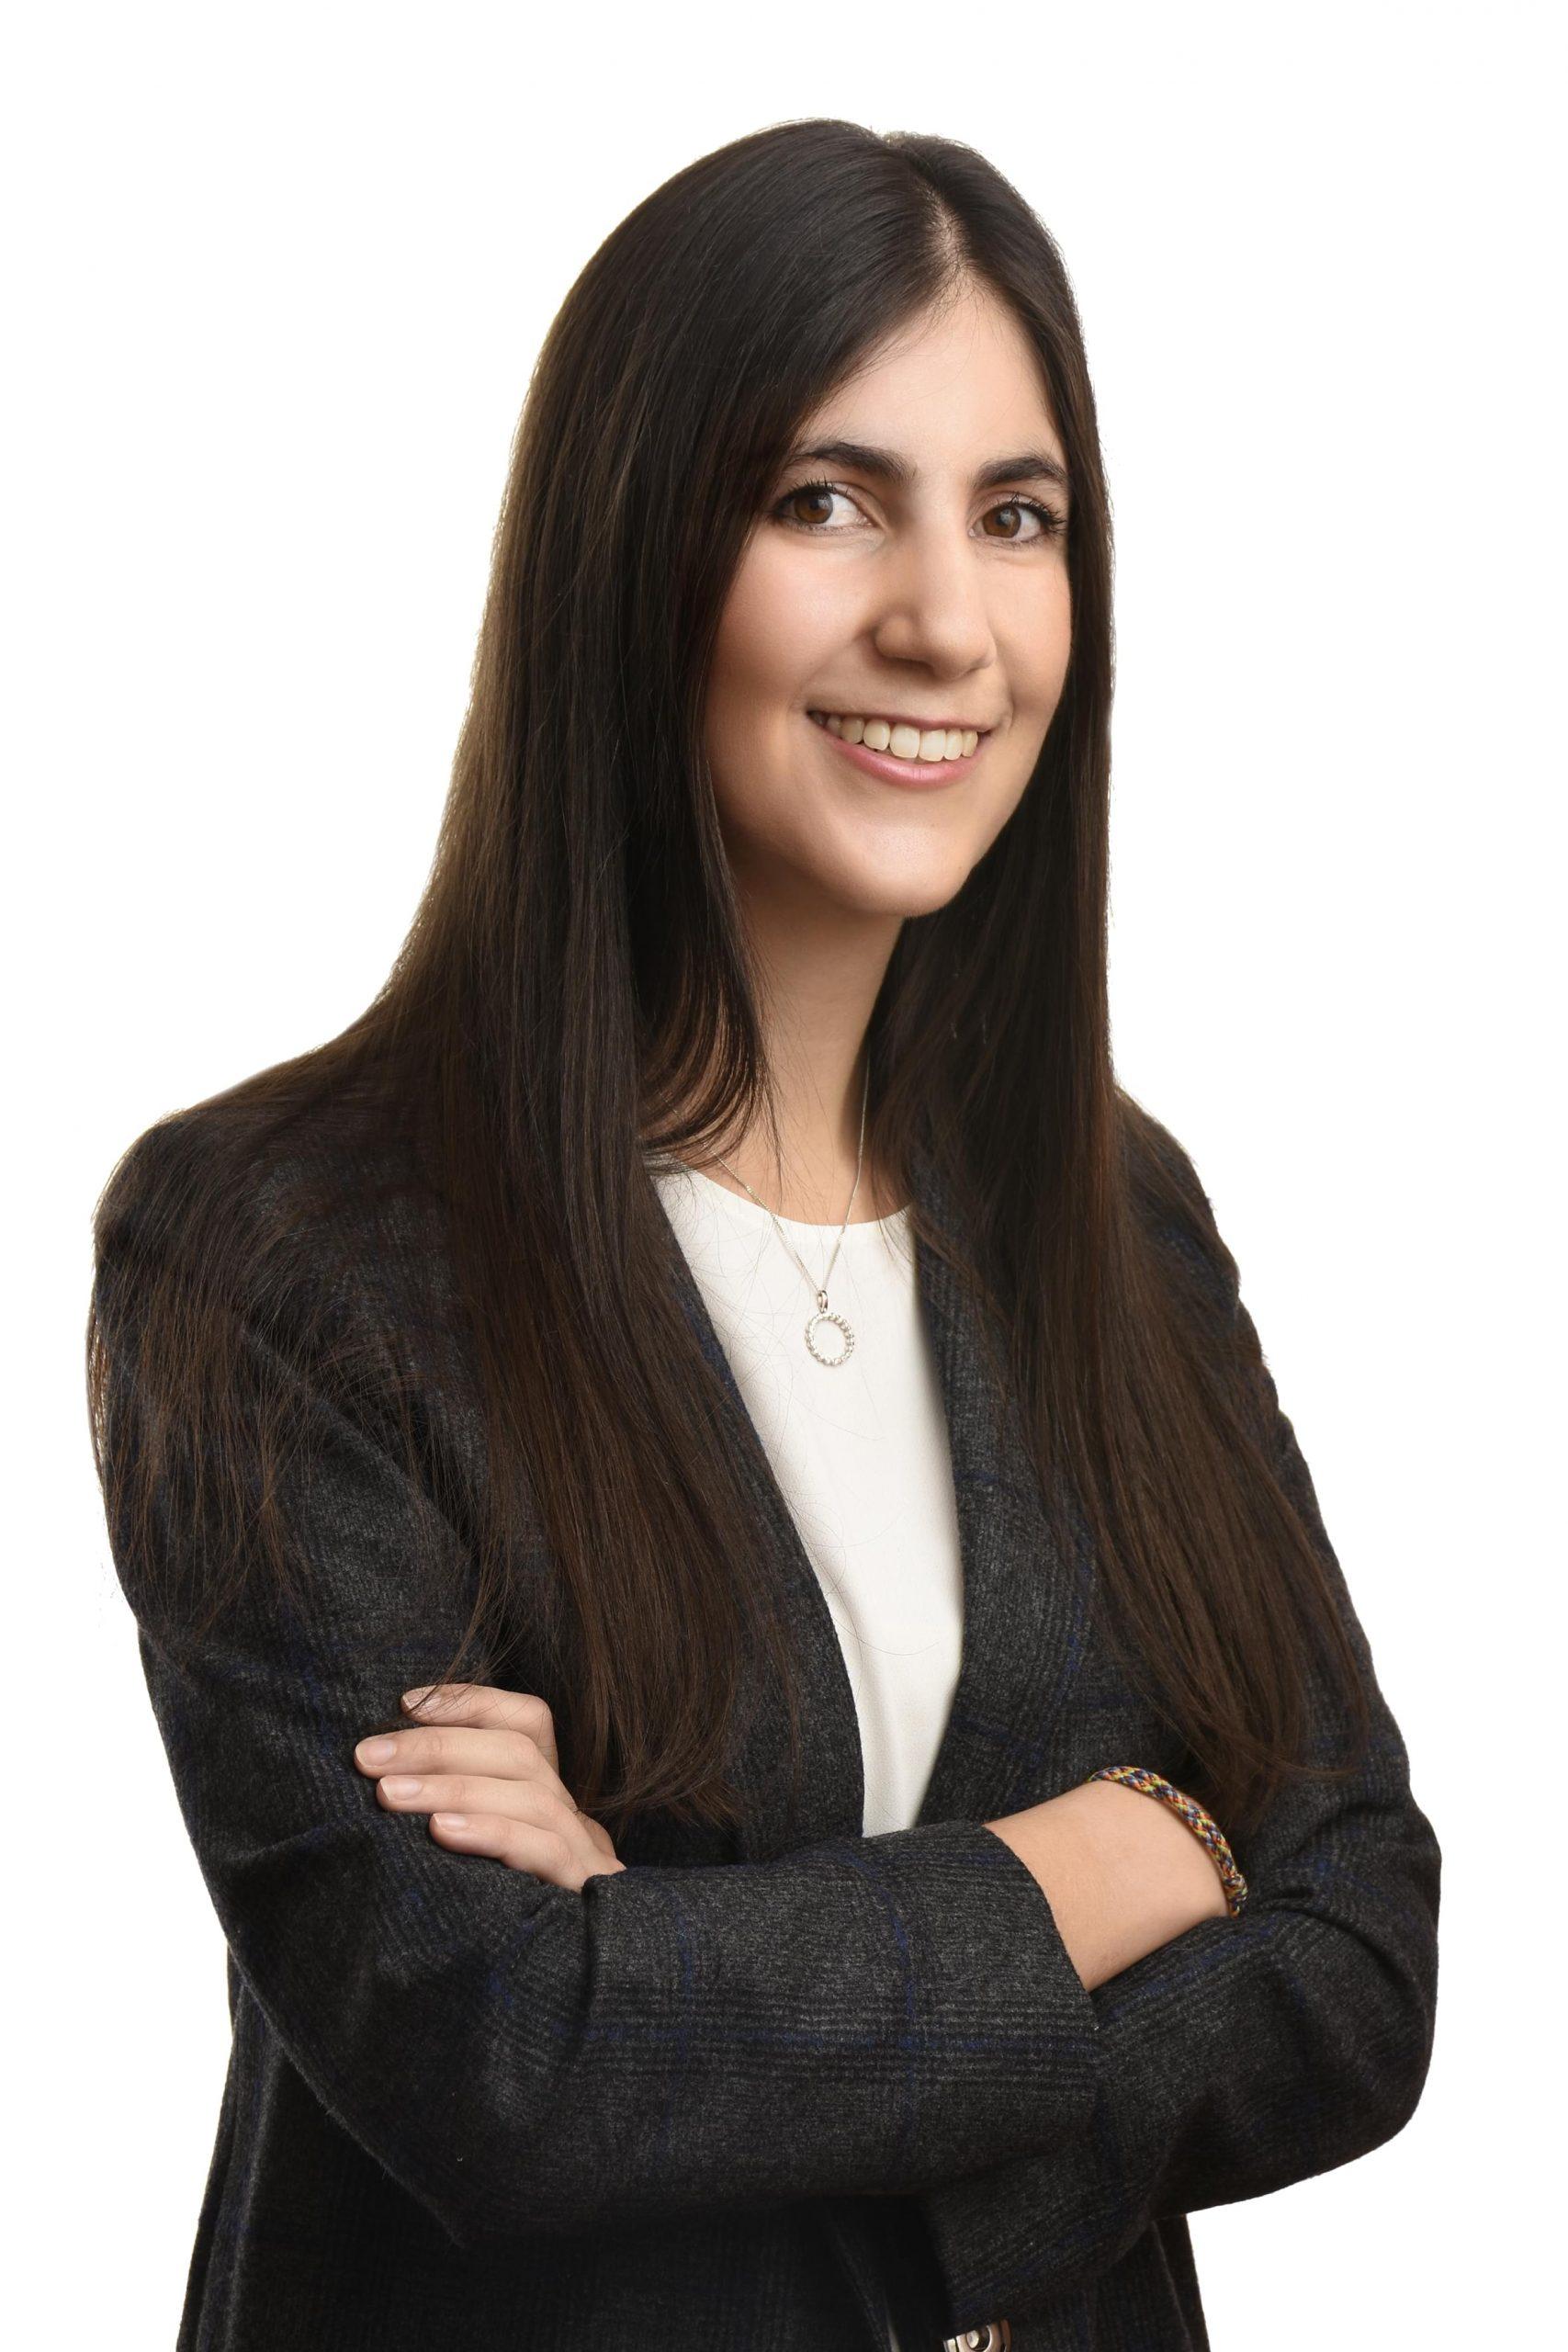 Cristina Peláez Ortiz